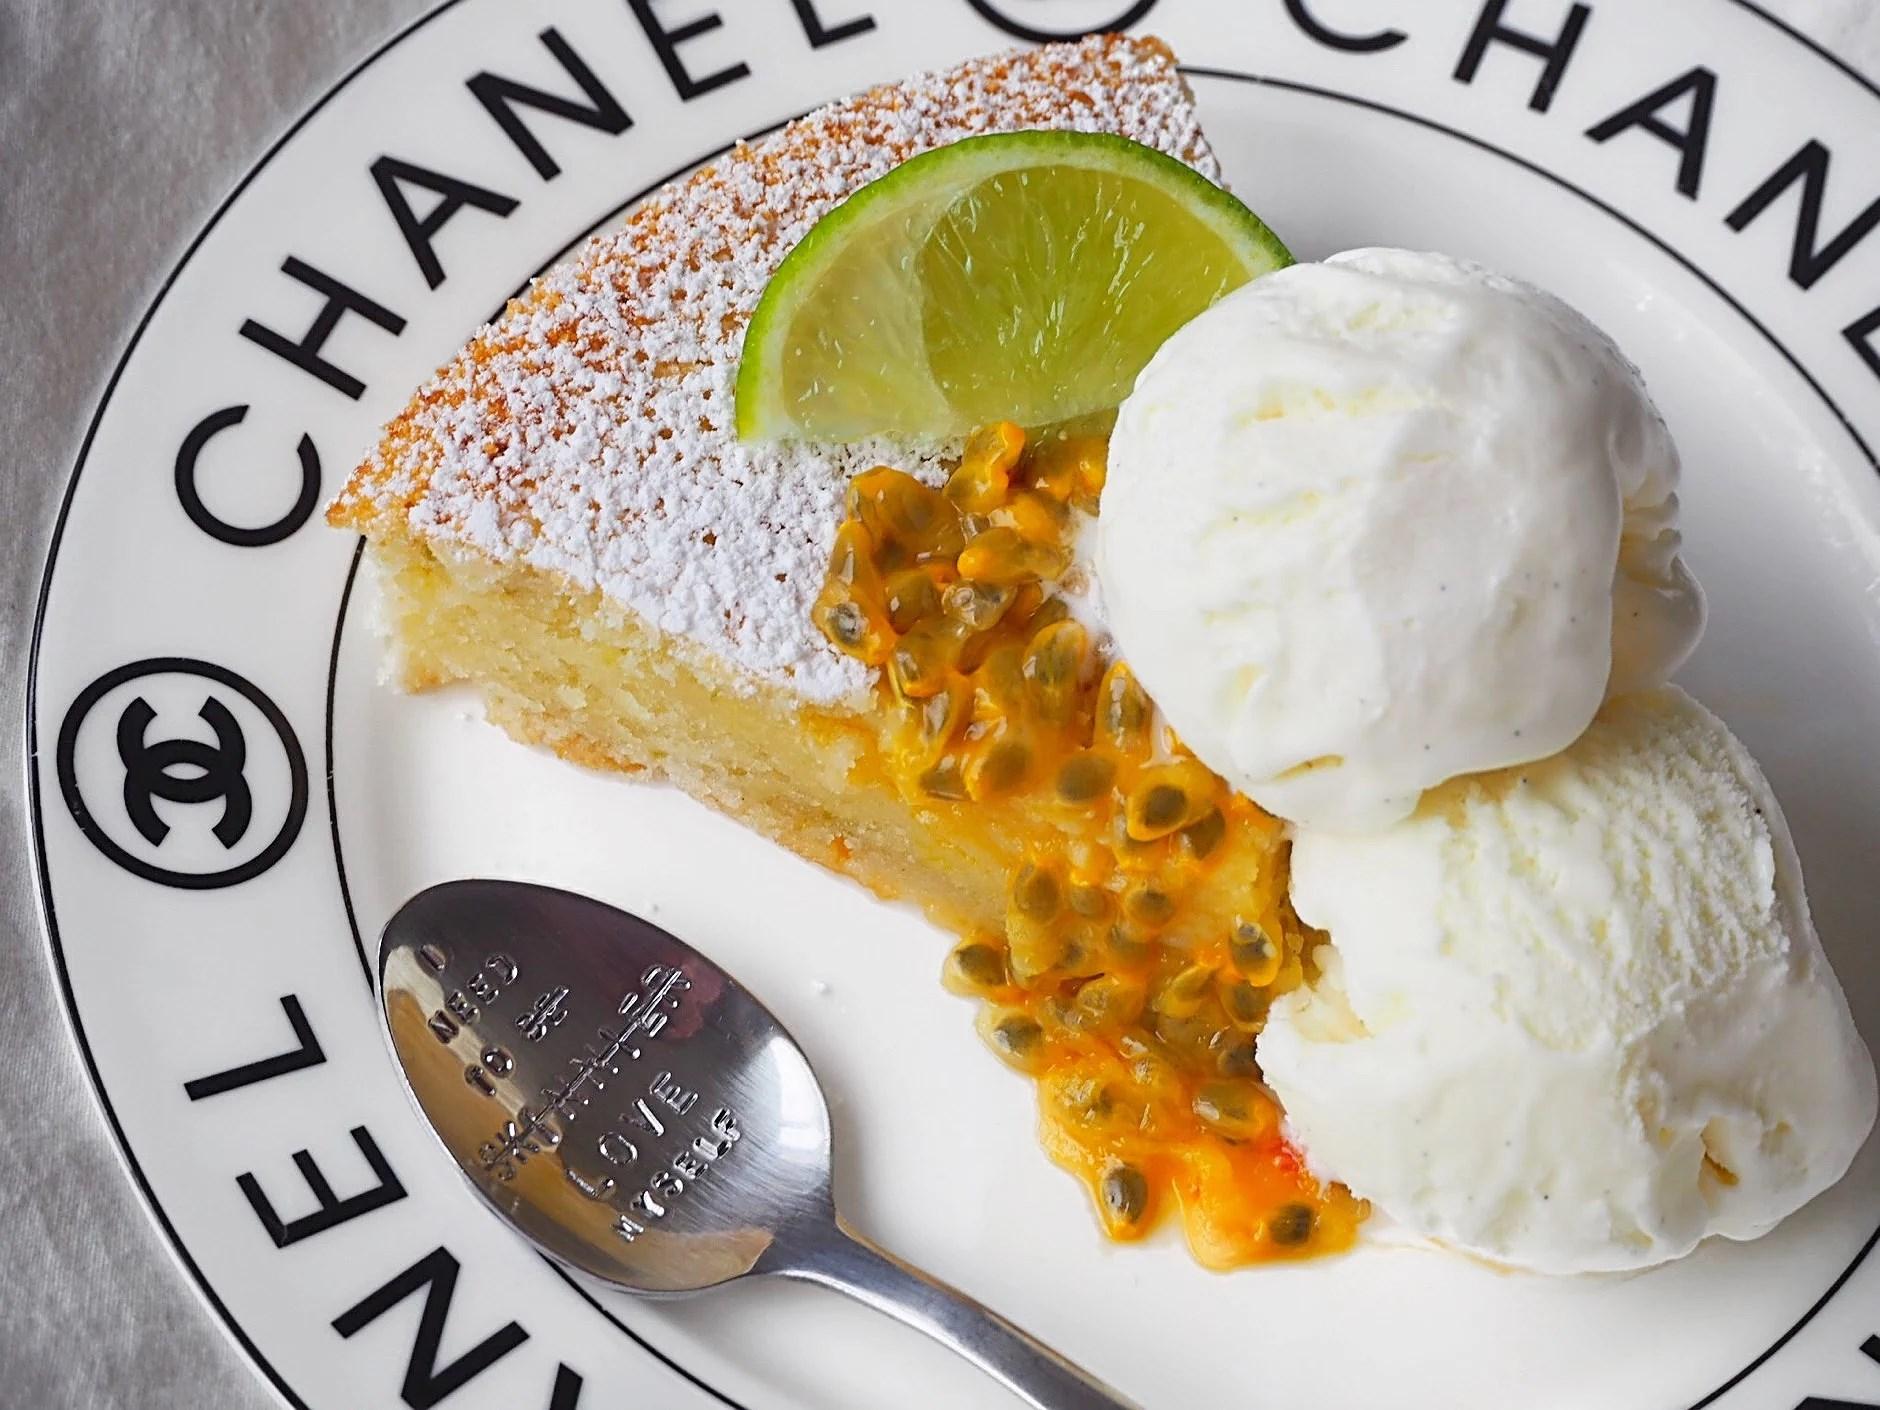 Limekladdkaka toppad med vaniljglass och passionsfrukt